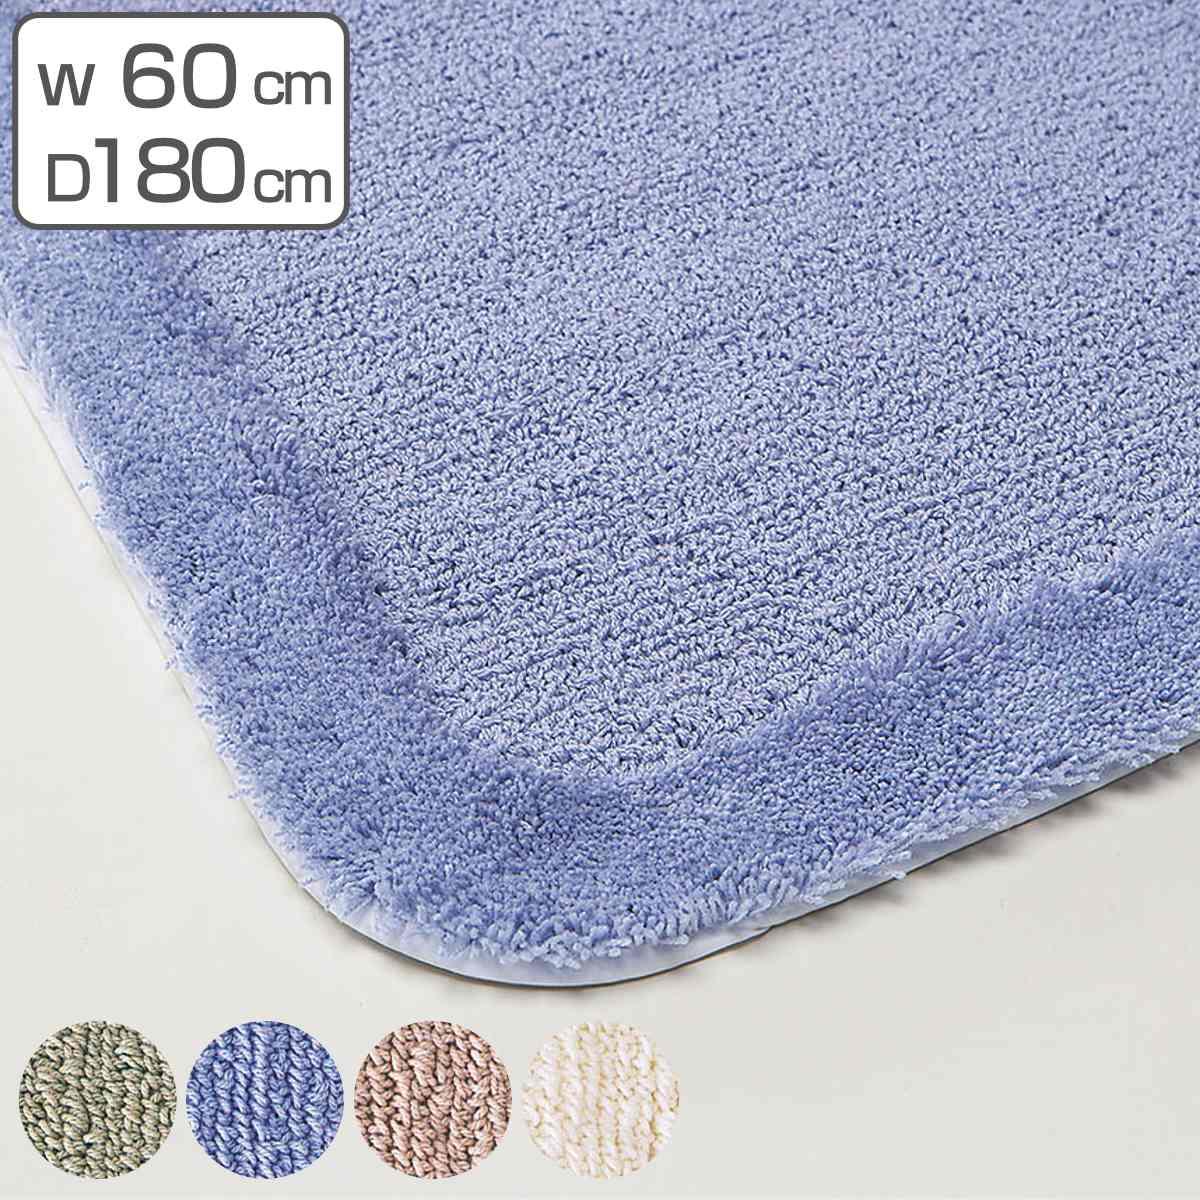 バスマット業務用 吸水ループパイル ノンスリップ抗菌仕様 60×180 ( 足拭き 風呂マット 送料無料 )